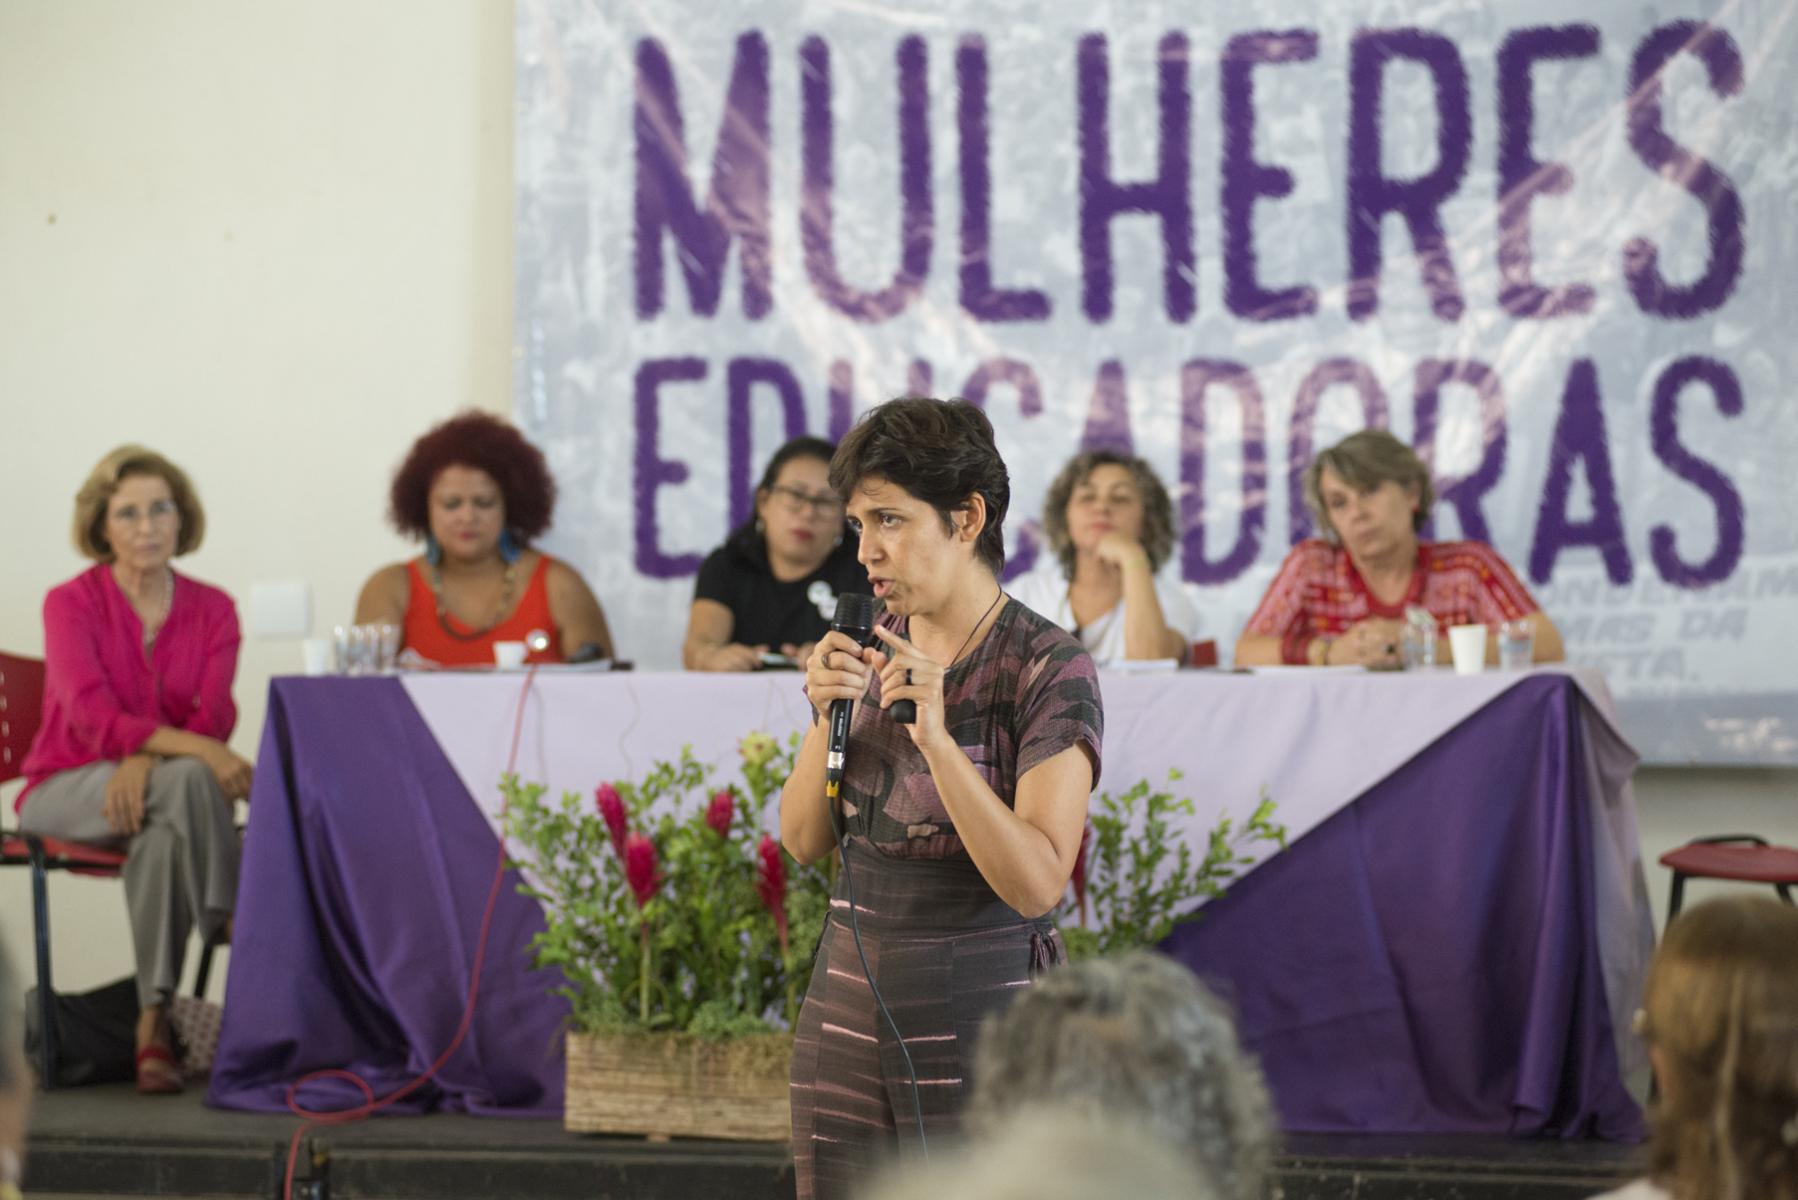 2019.04.27_ENCONTRO-MULHERES-EDUCADORAS_fotos-Deva-Garcia-14